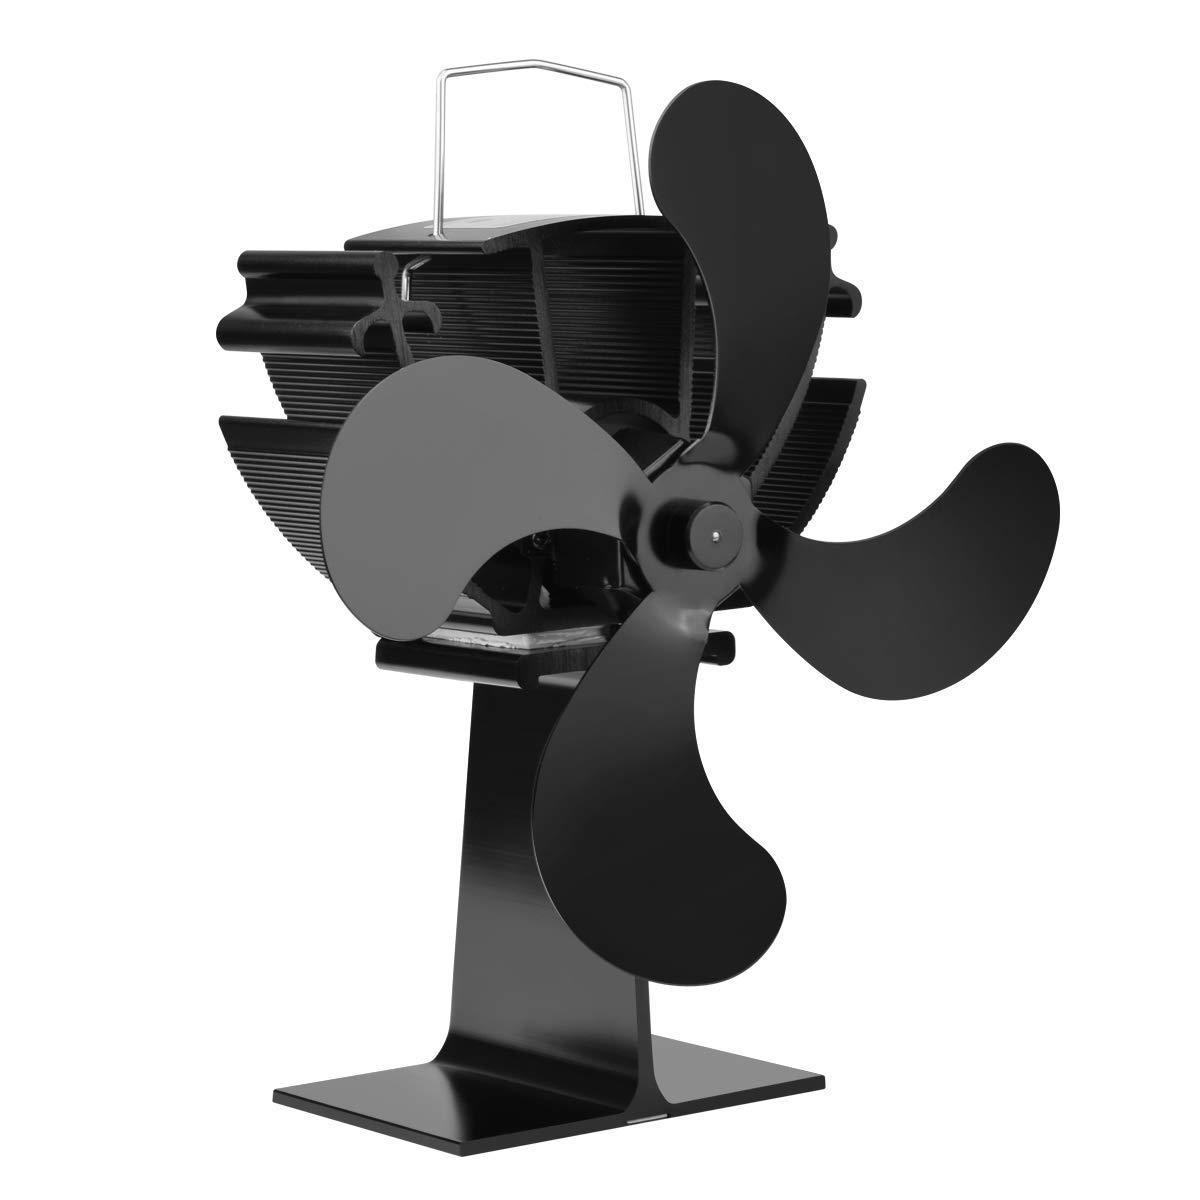 DazSpirit Stromloser Ventilator f/ür Kamin Ventilator Umweltfreundlich mit 4 Rotorbl/ätter Ofenventilator Ohne Strom Kaminofen Ventilator Holzofen Ventilator Upgrade f/ür 2019 Schwarz